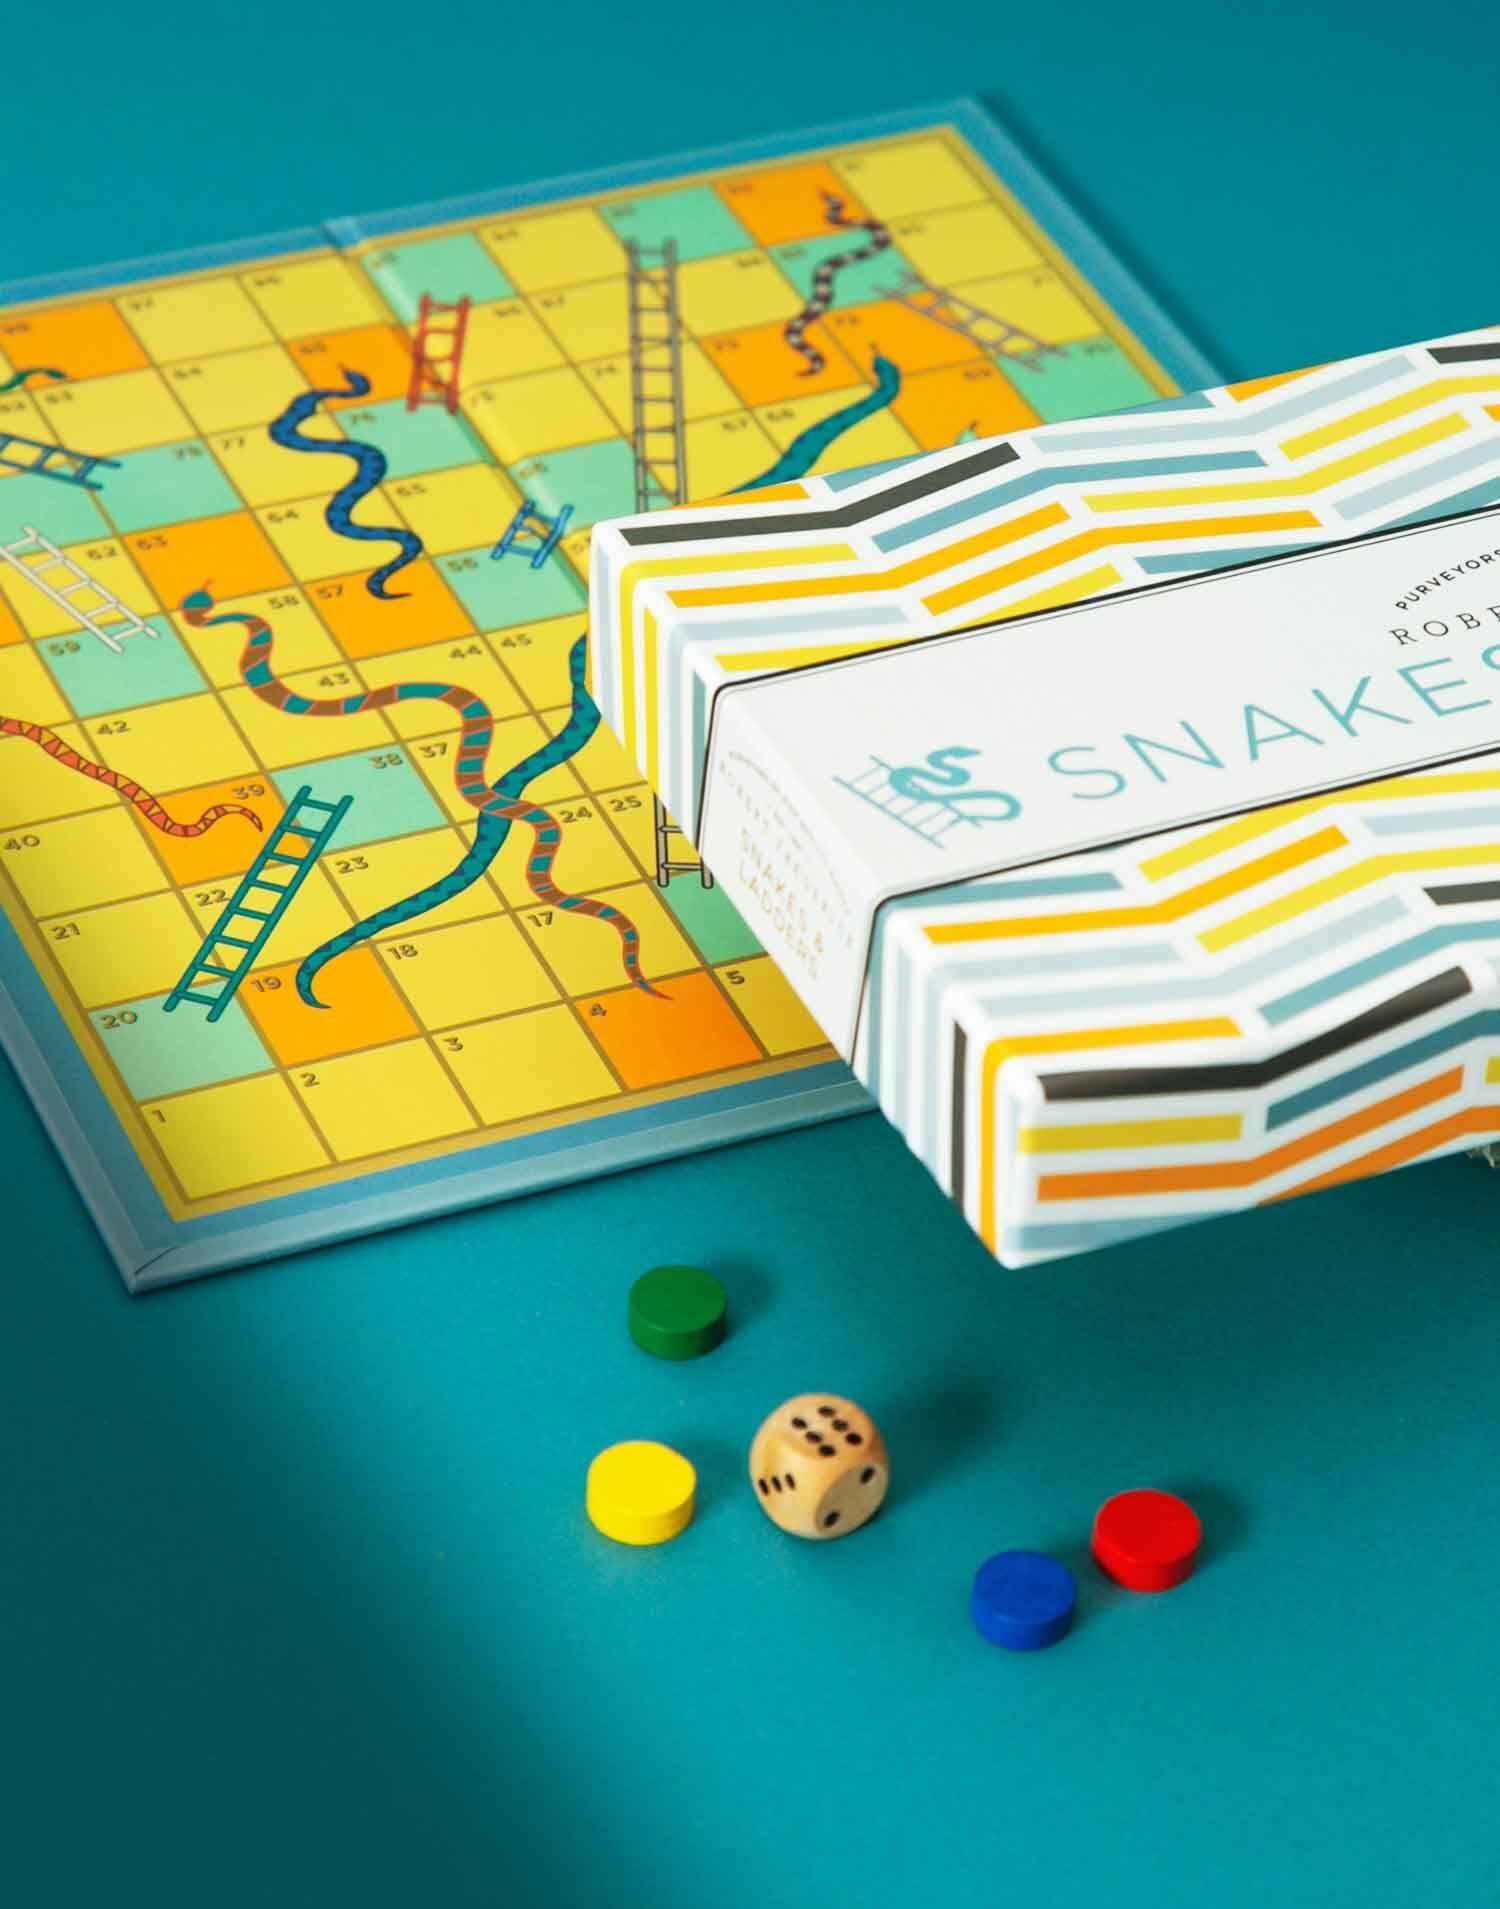 Gioco snakes